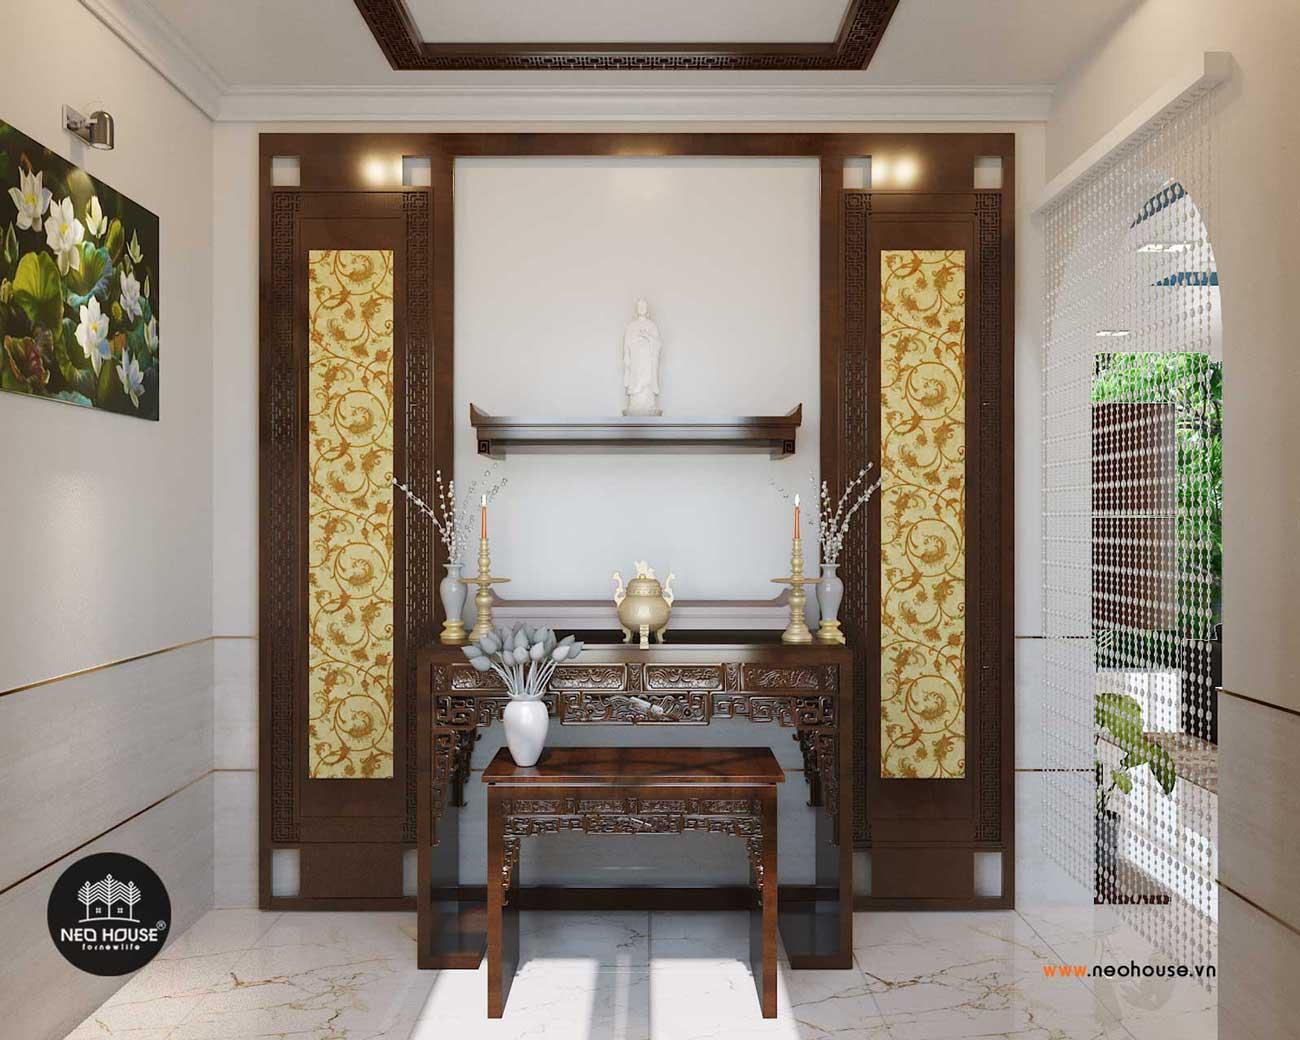 Thiết kế nội thất biệt thự vườn 1 tầng hiện đại. Ảnh 5